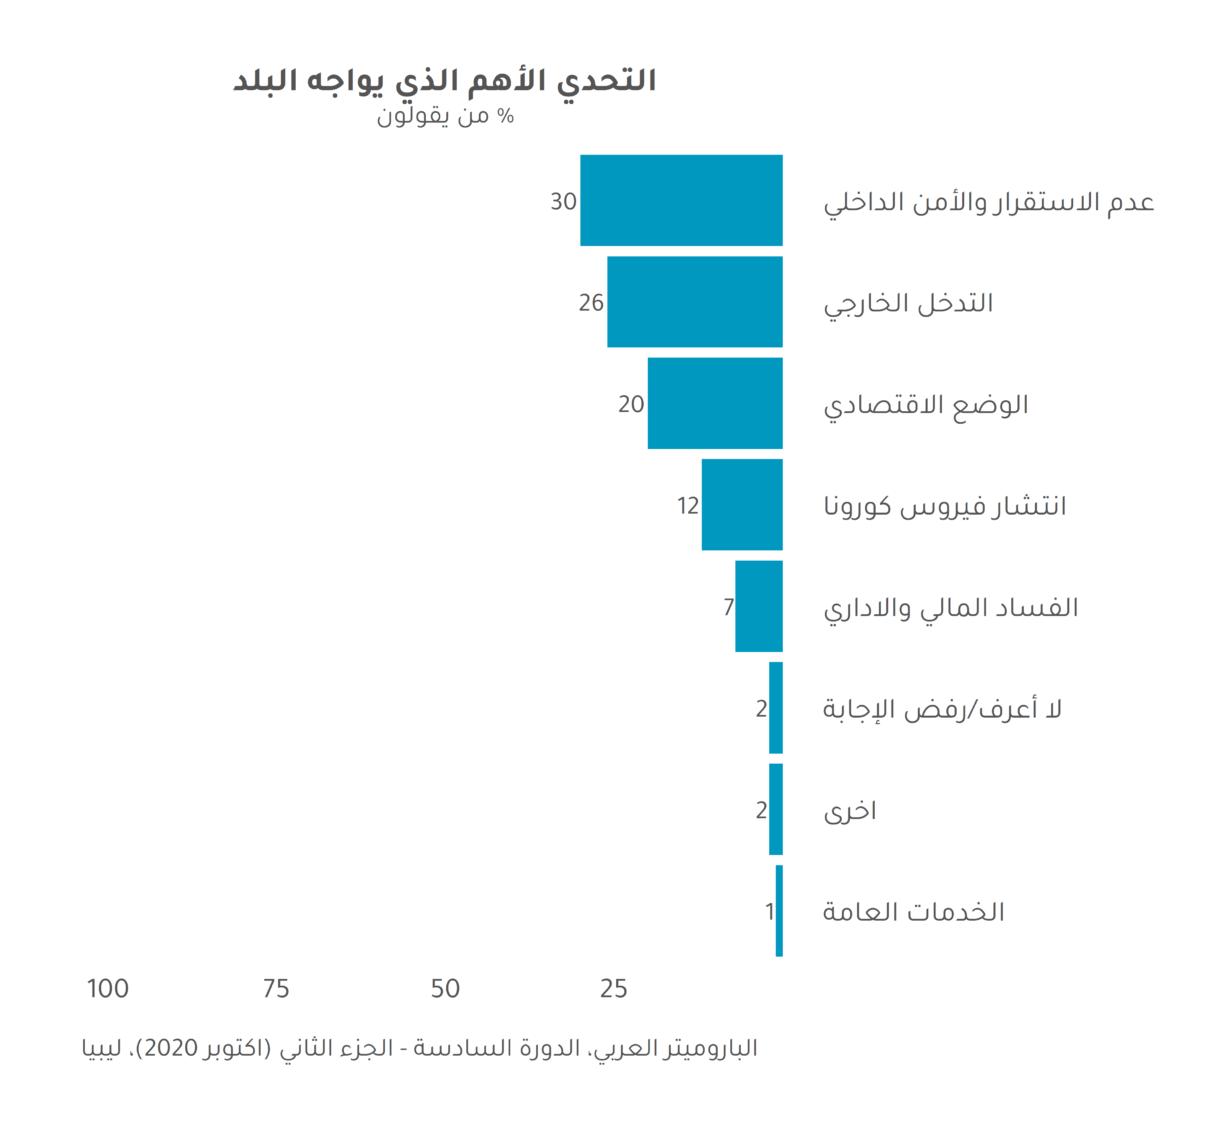 صحيفة وقائع: نبض ليبيا في زمن الكورونا